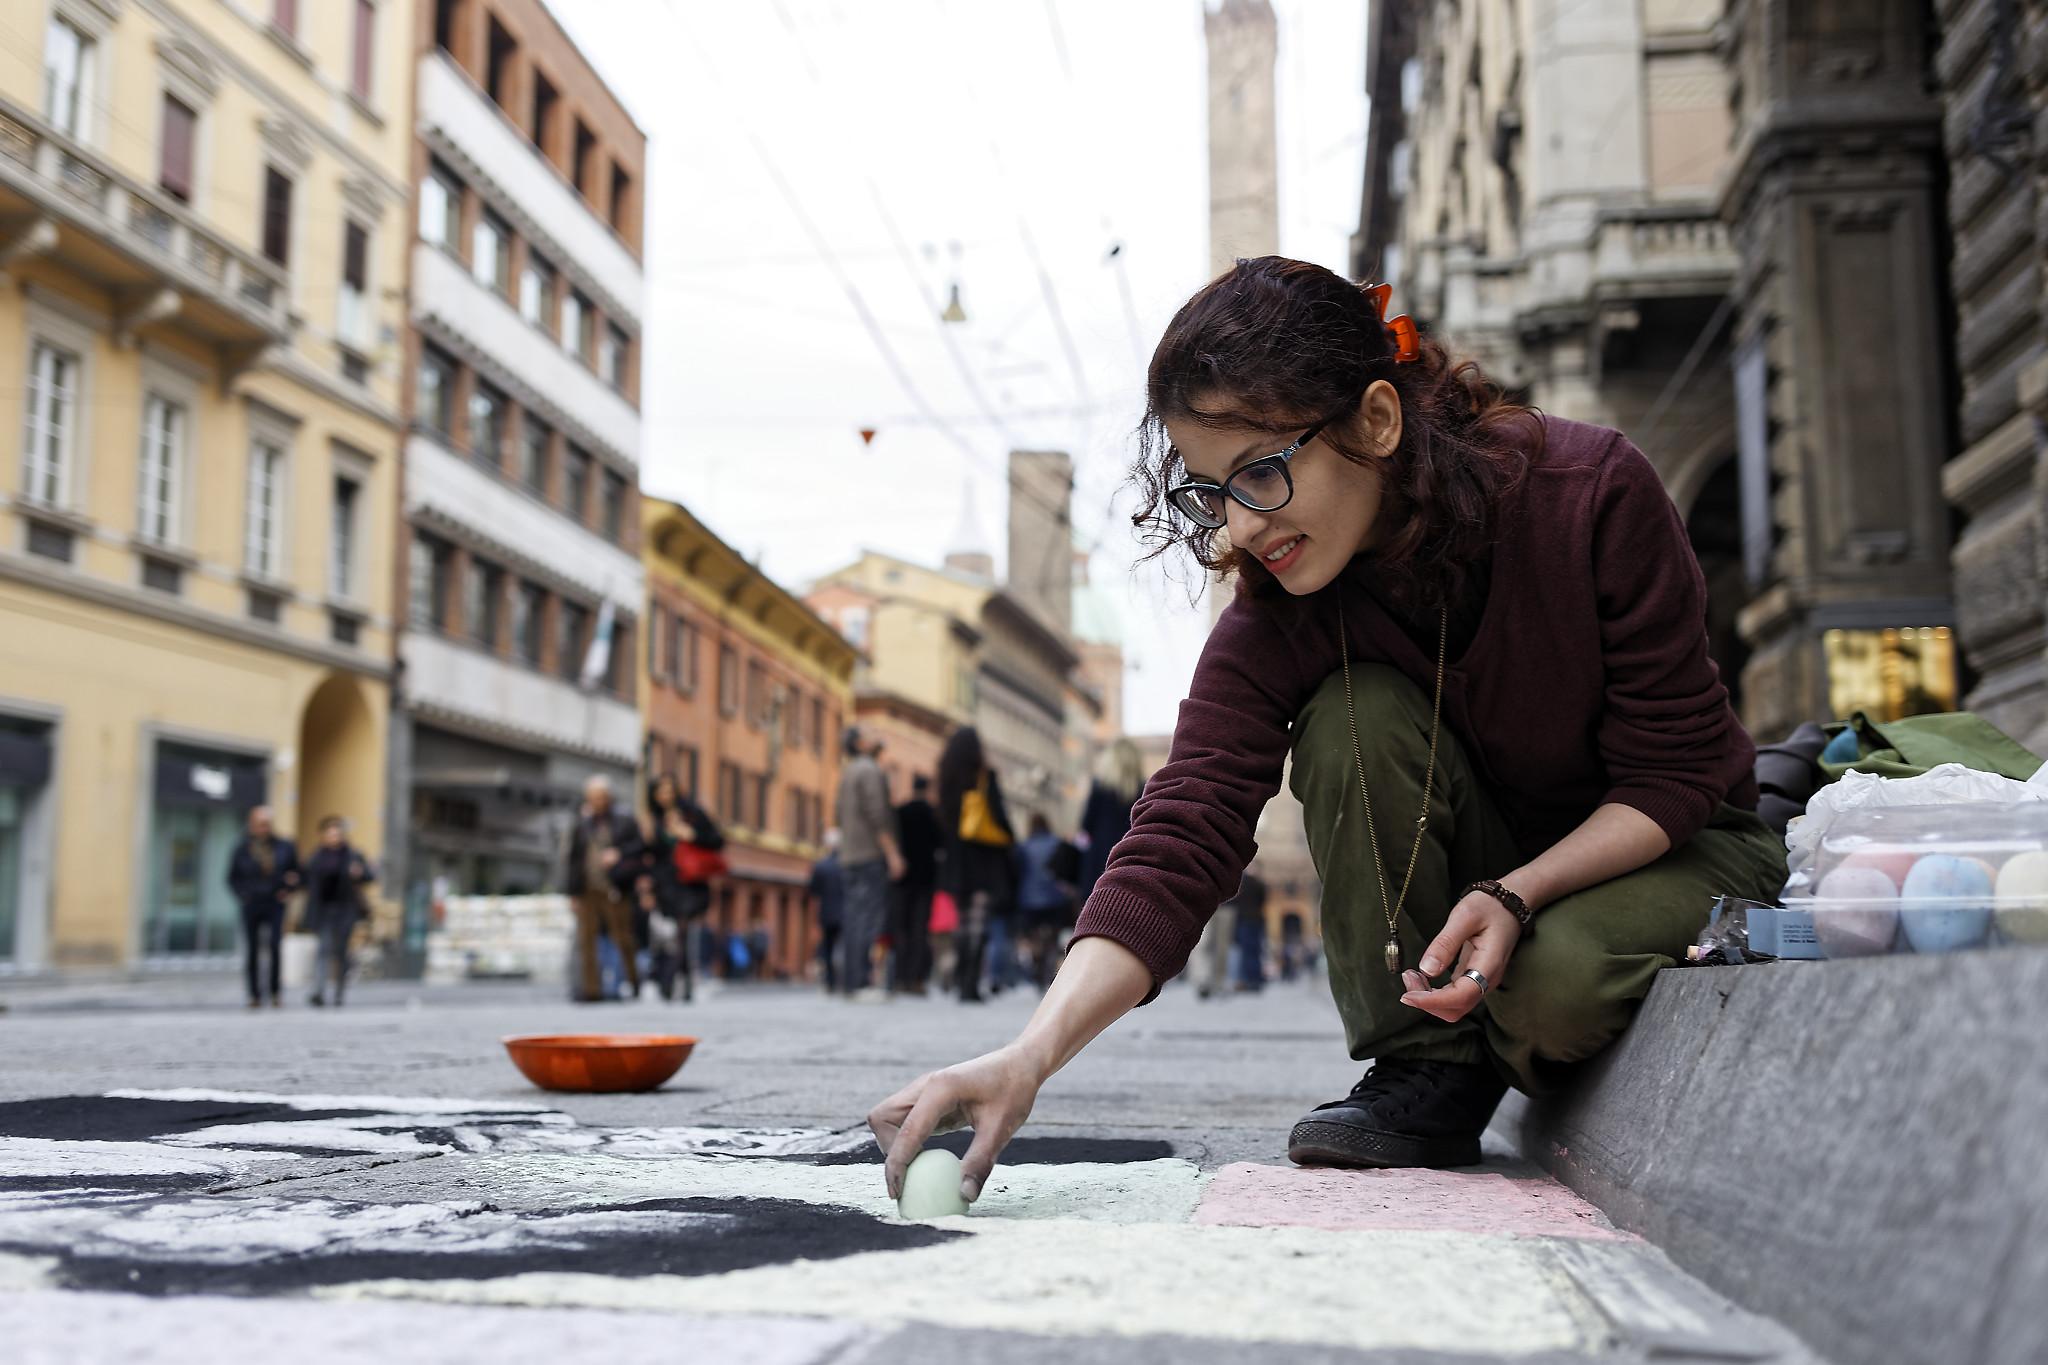 Dipinge Stalio e Ollio, Feshteh Fatemi. (Ph. Roberto Cerè. 2016)